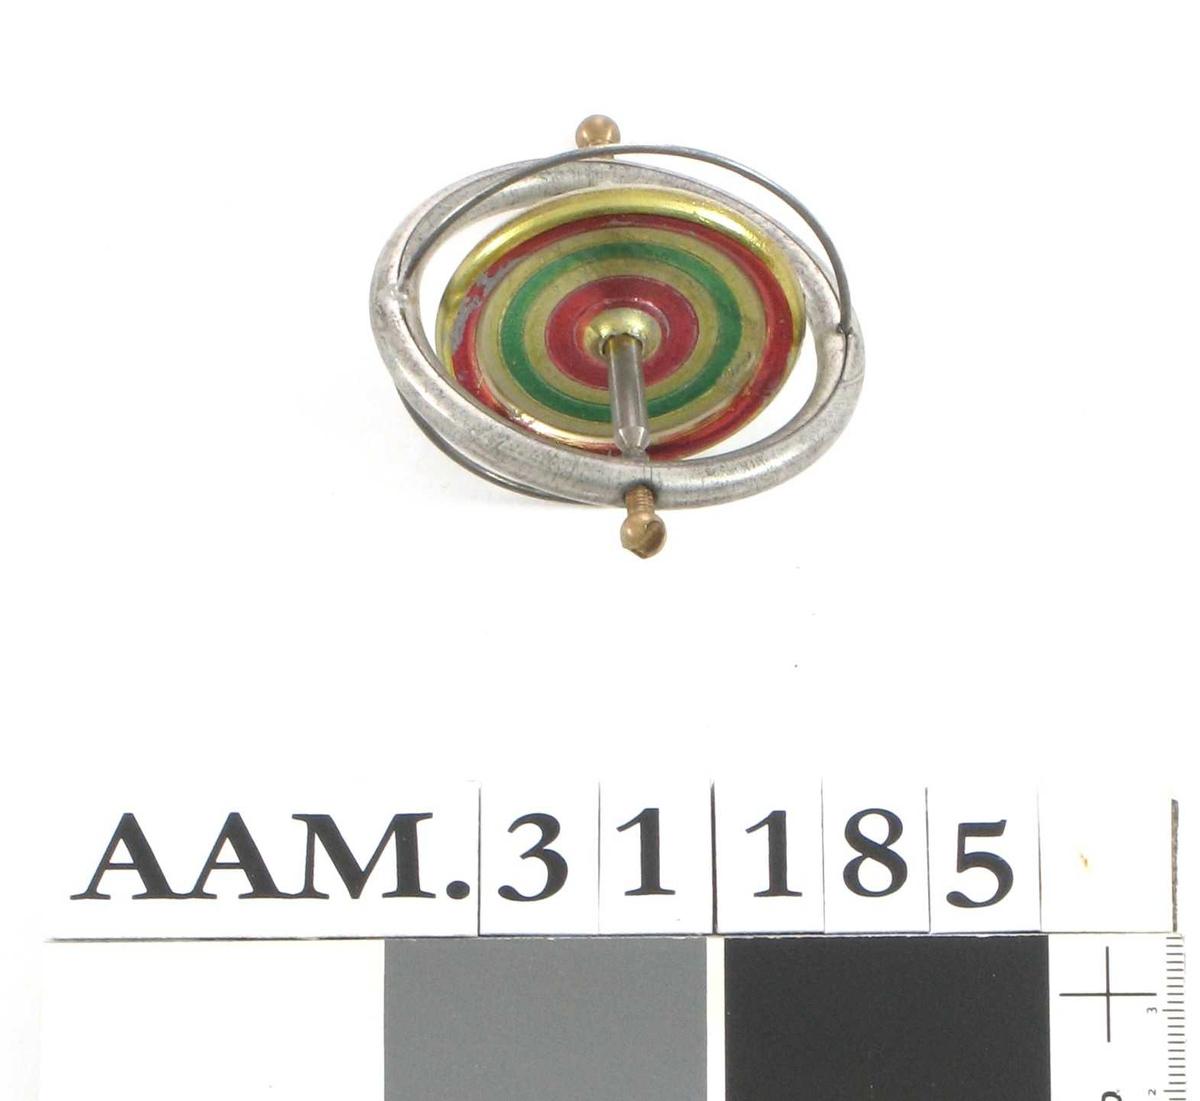 A = figur av Eiffeltårnet, dette fungere som stativ for:  B = gyroskopsnurrebass; ring med sirkelformet plate på tvers inni.